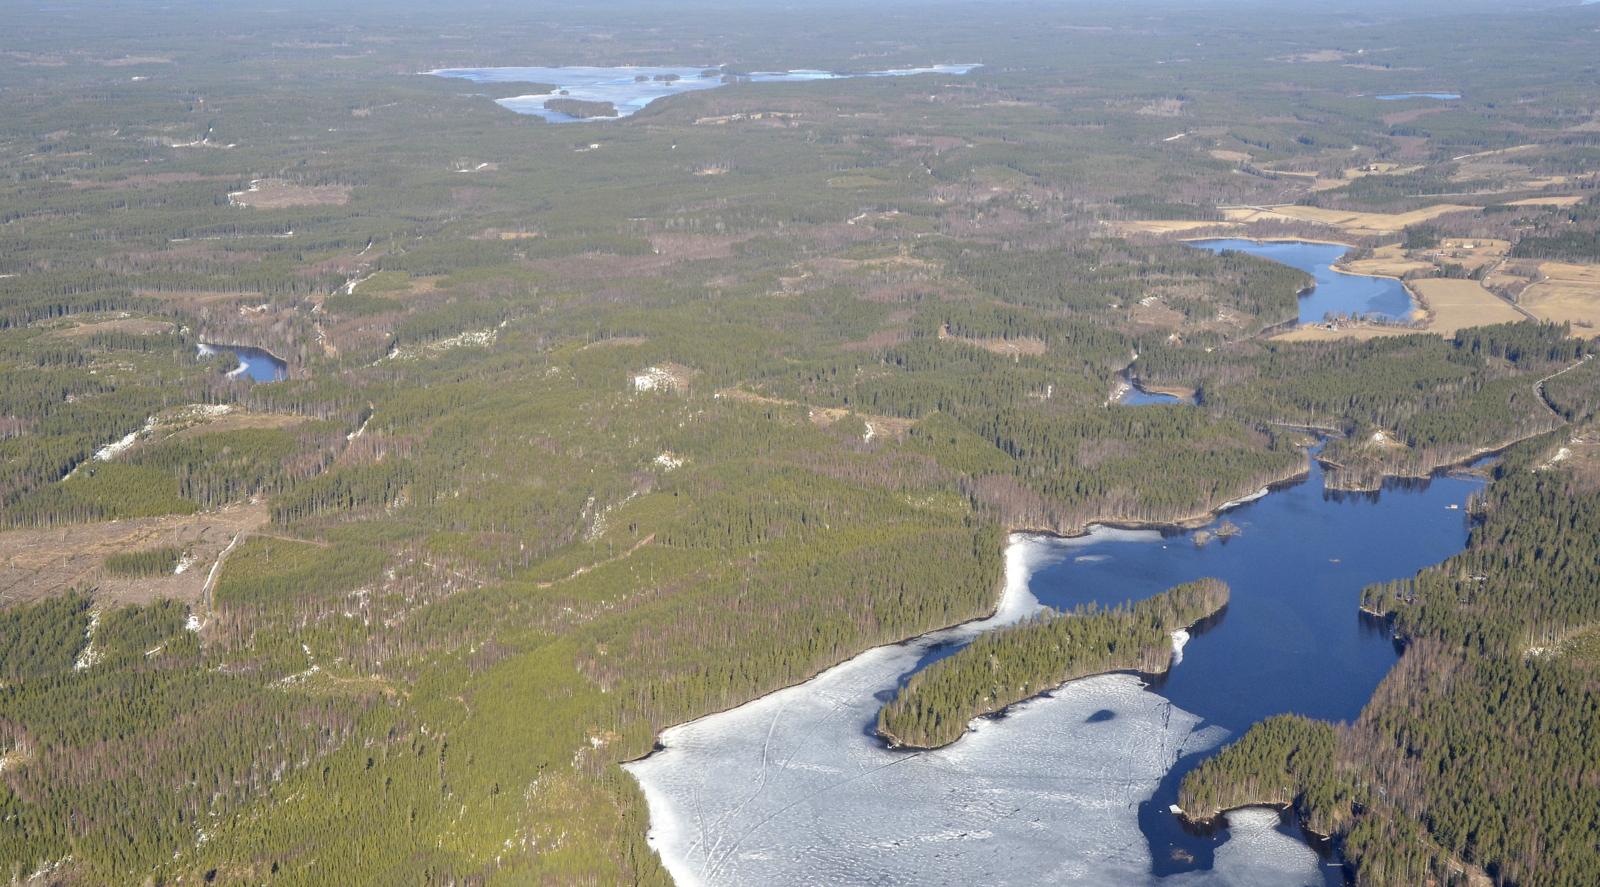 Nyt käännän keulan paluumatkalle, noin tunnin lennon jälkeen. Kuvan ylälaidassa Iisjärvi ja alhaalla Kajamanlahti.